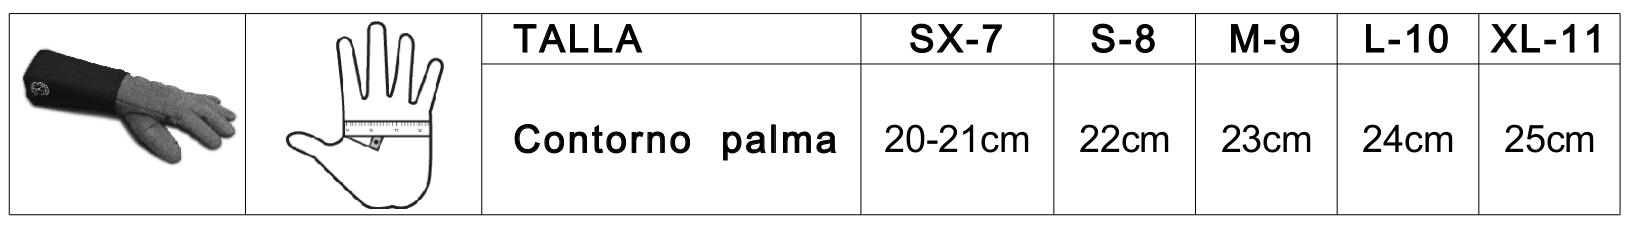 Guía de tallas Guantes HEMA SPES ligeros